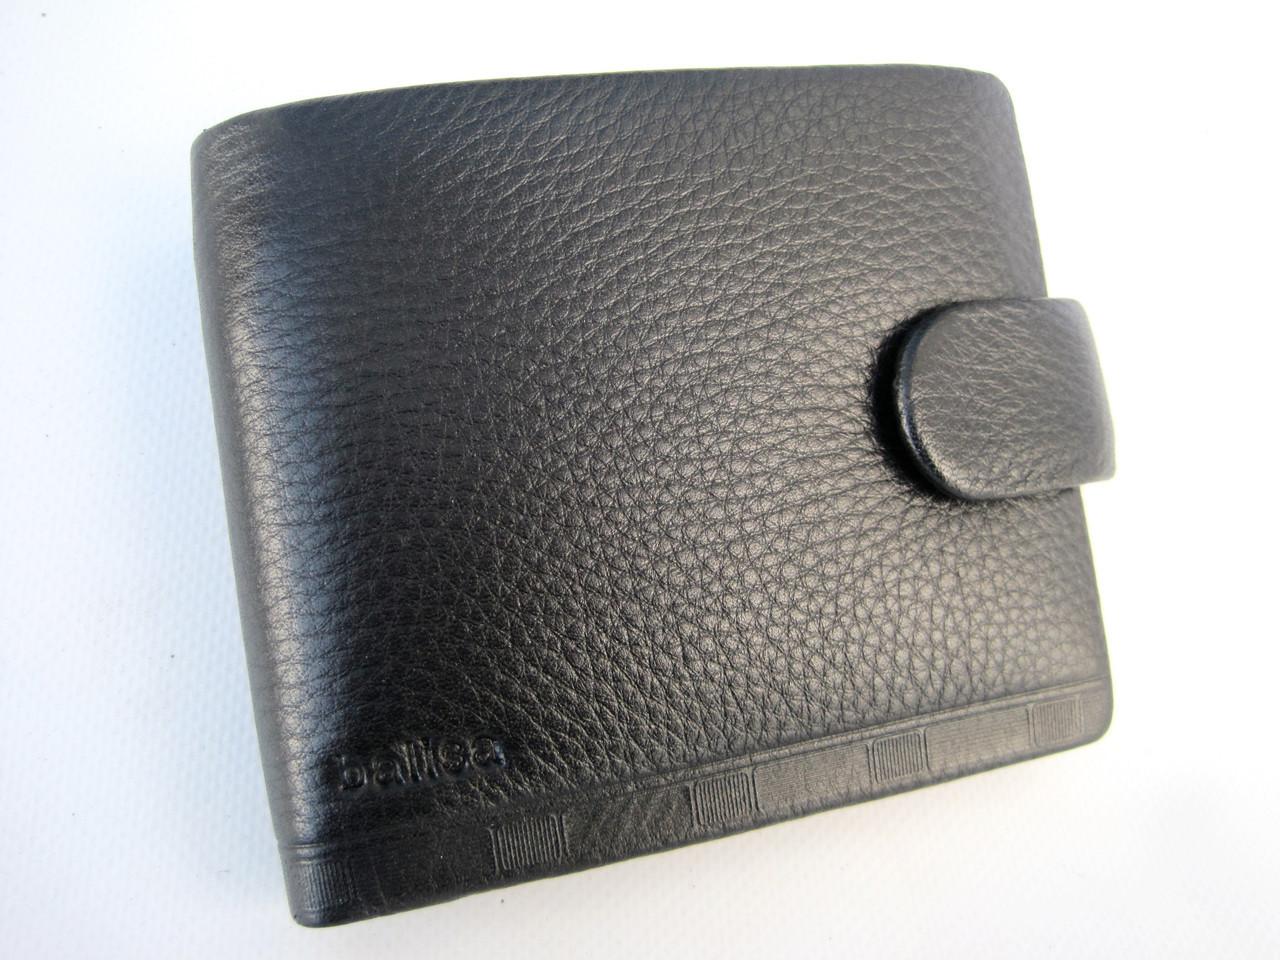 Мужское кожаное портмоне Balisa PY-F005-87 black Кошелек balisa оптом, портмоне balisa оптом